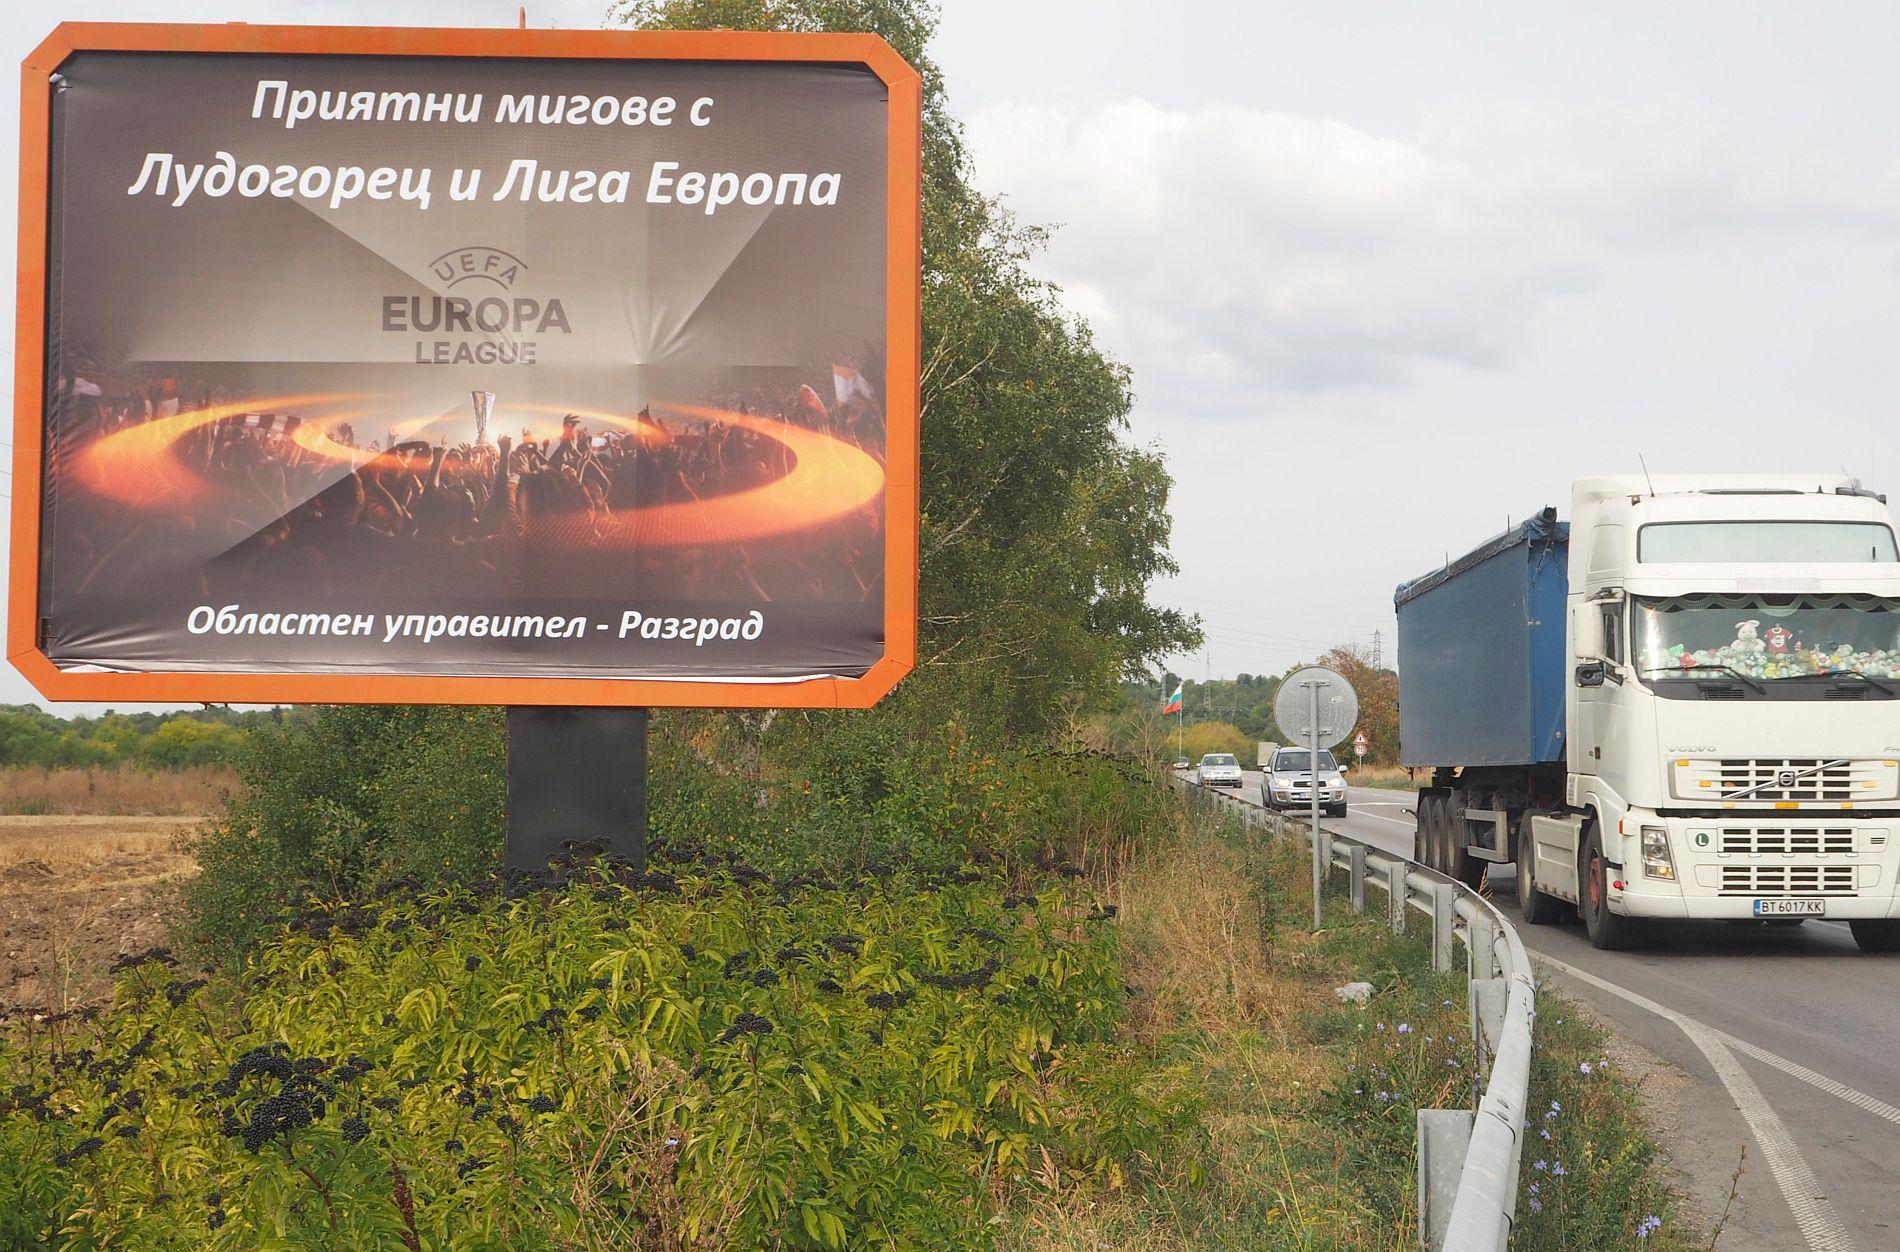 С два билборда Областна администрация посреща Лига Ев� ...